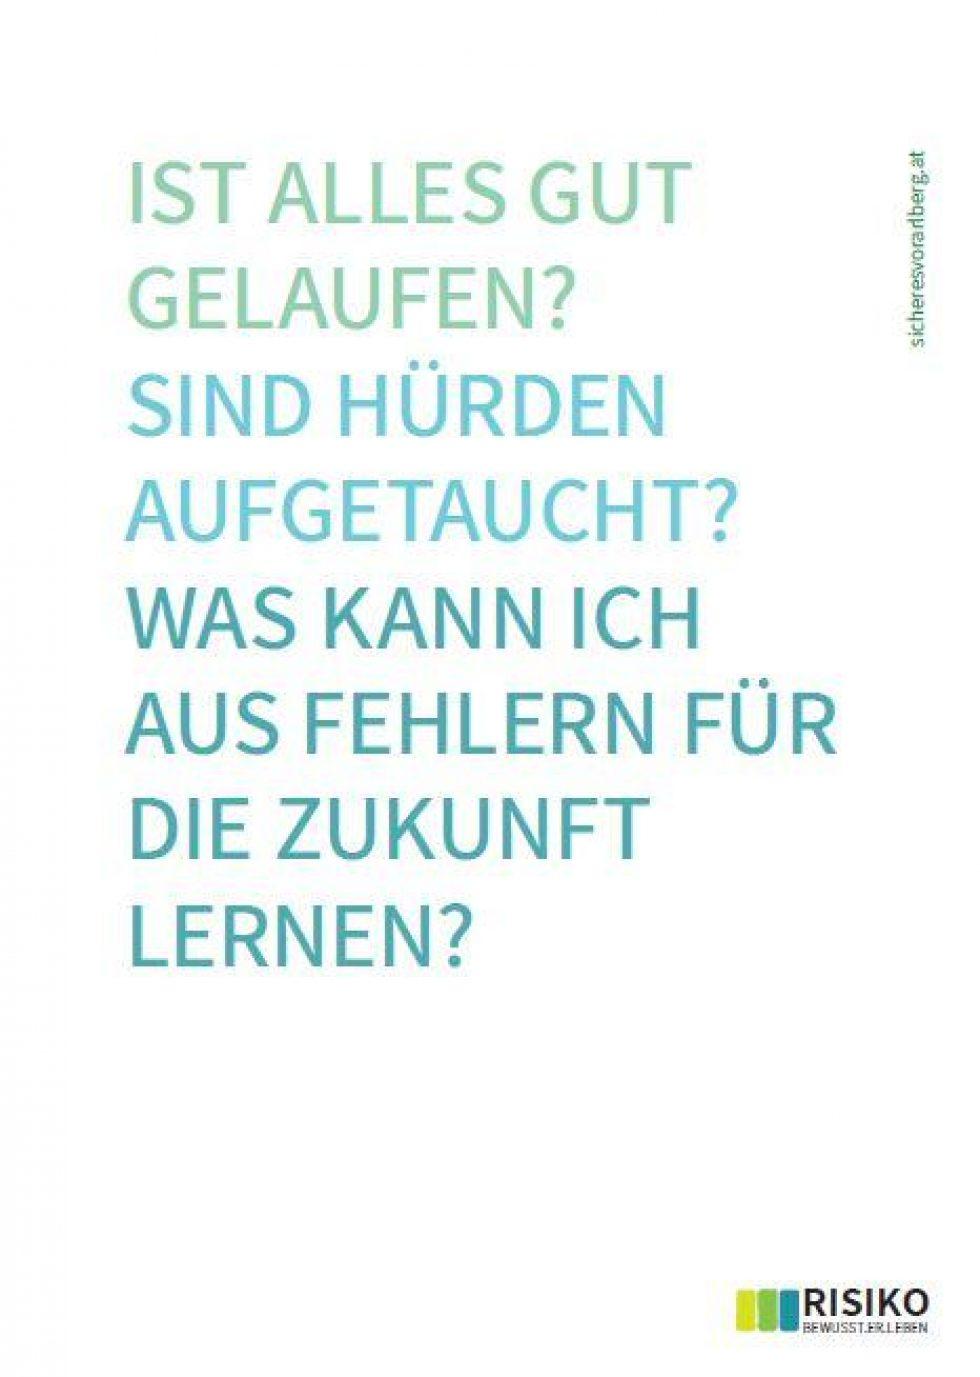 Risiko suchen_reflect_Fragen